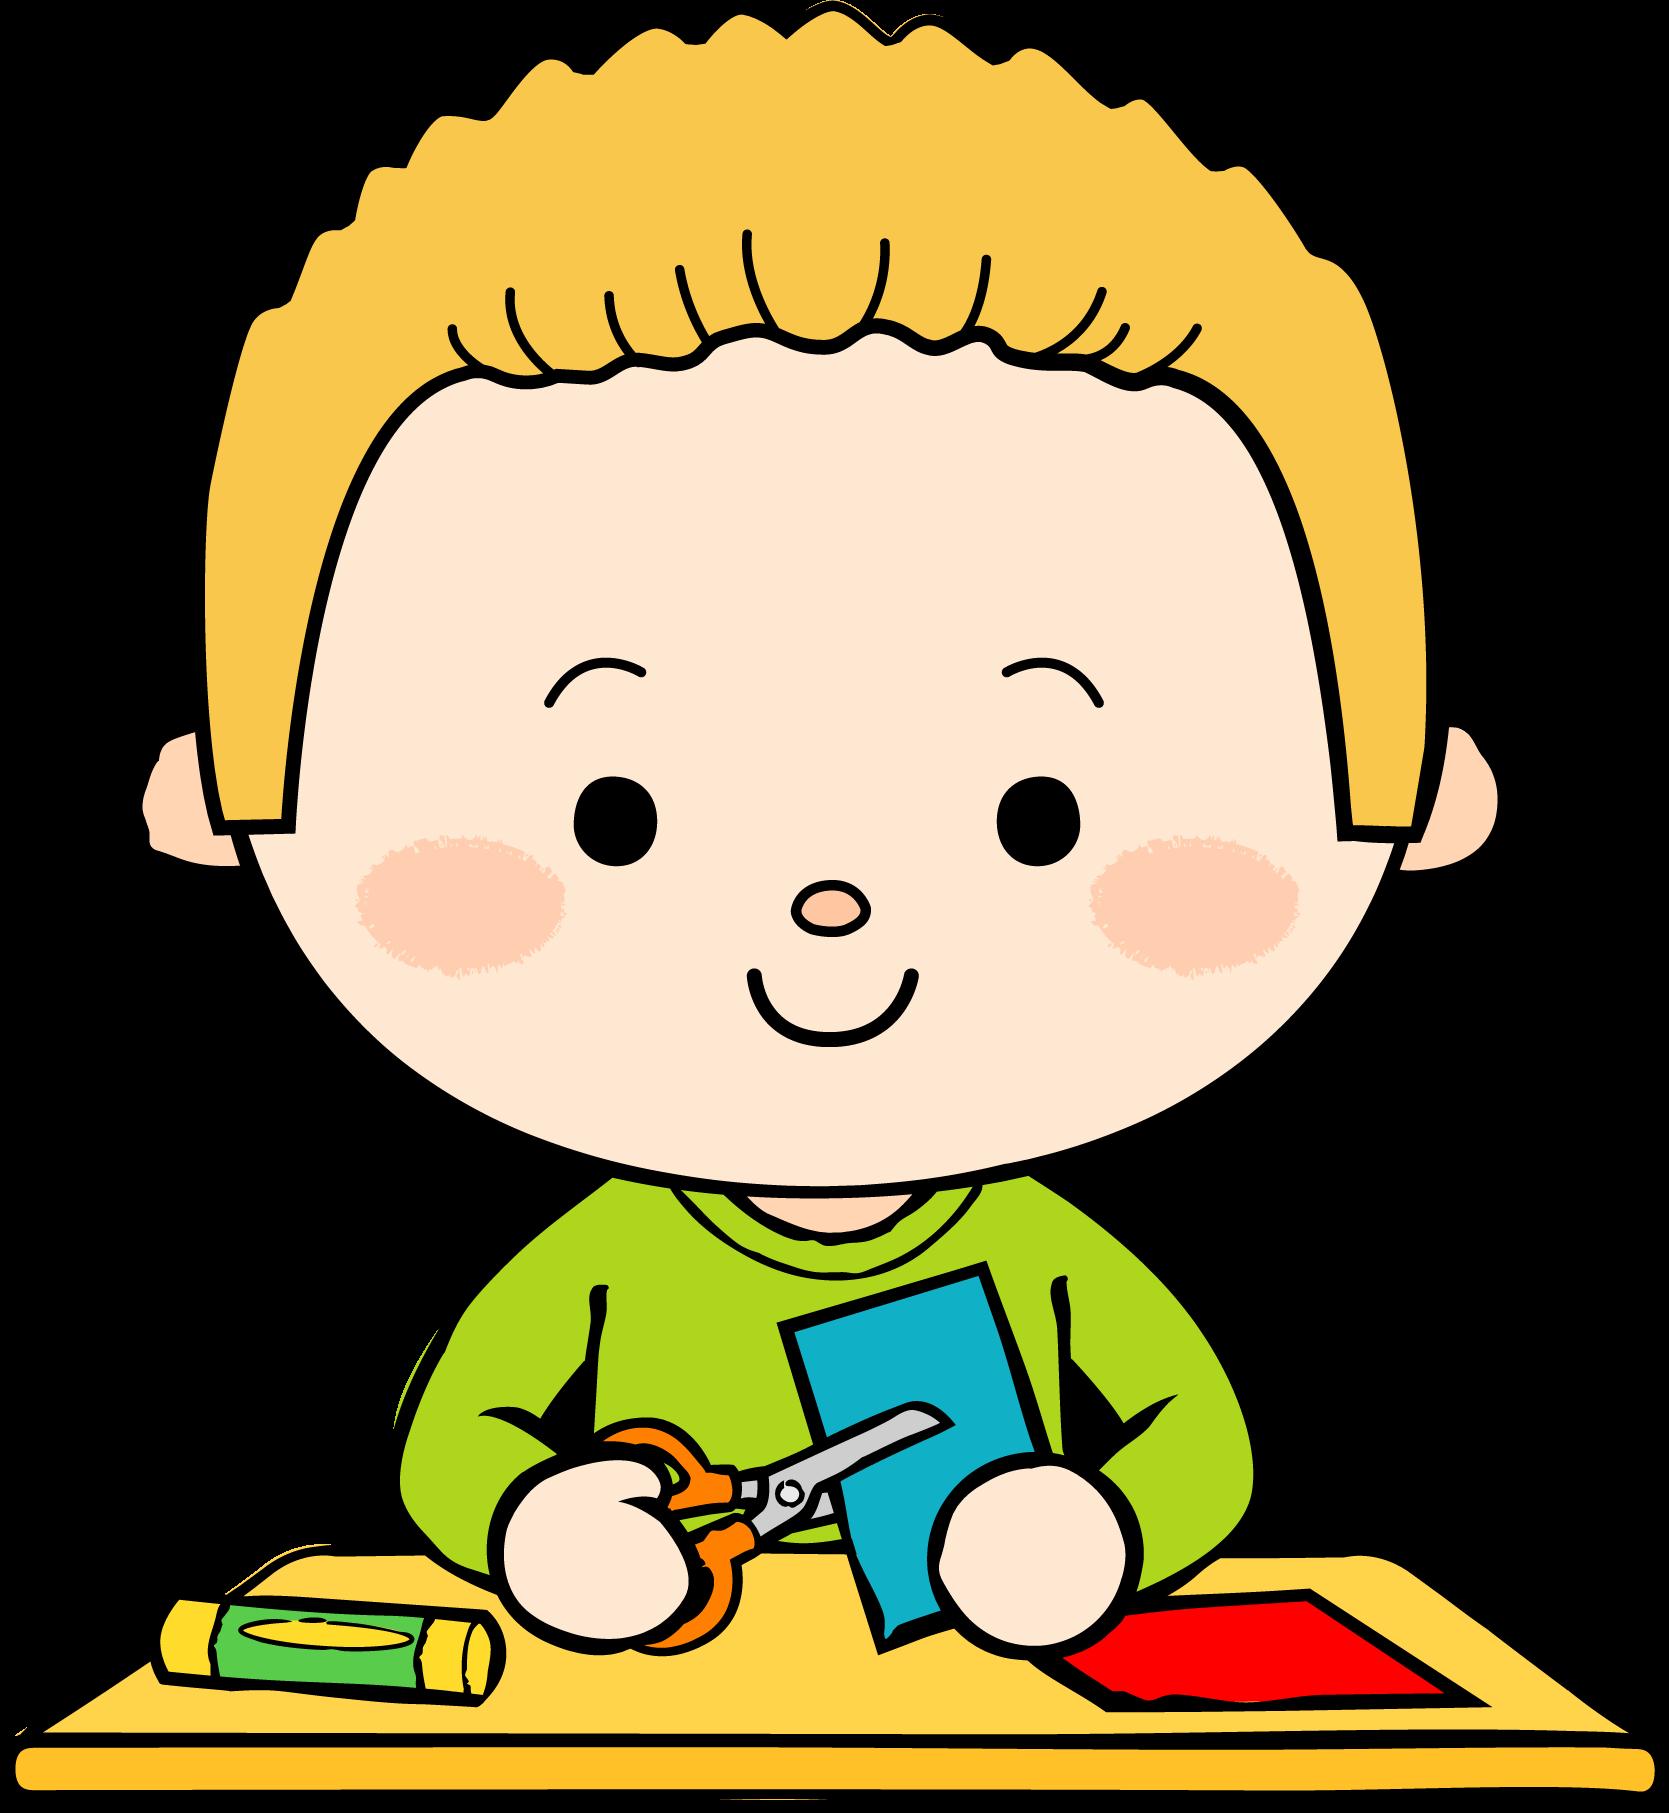 Trabajar Caricaturas De Ninos Rutina Diaria De Ninos Ninos Escolares